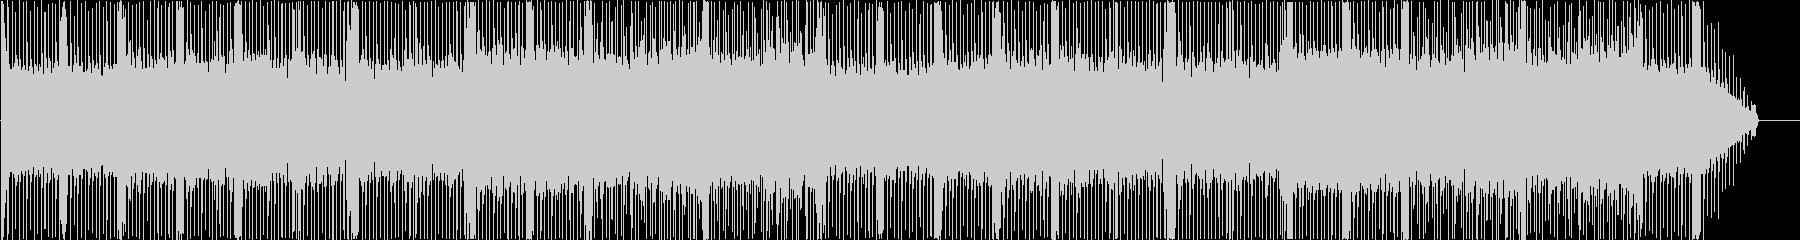 80年代のPCゲーム風FM音源の未再生の波形